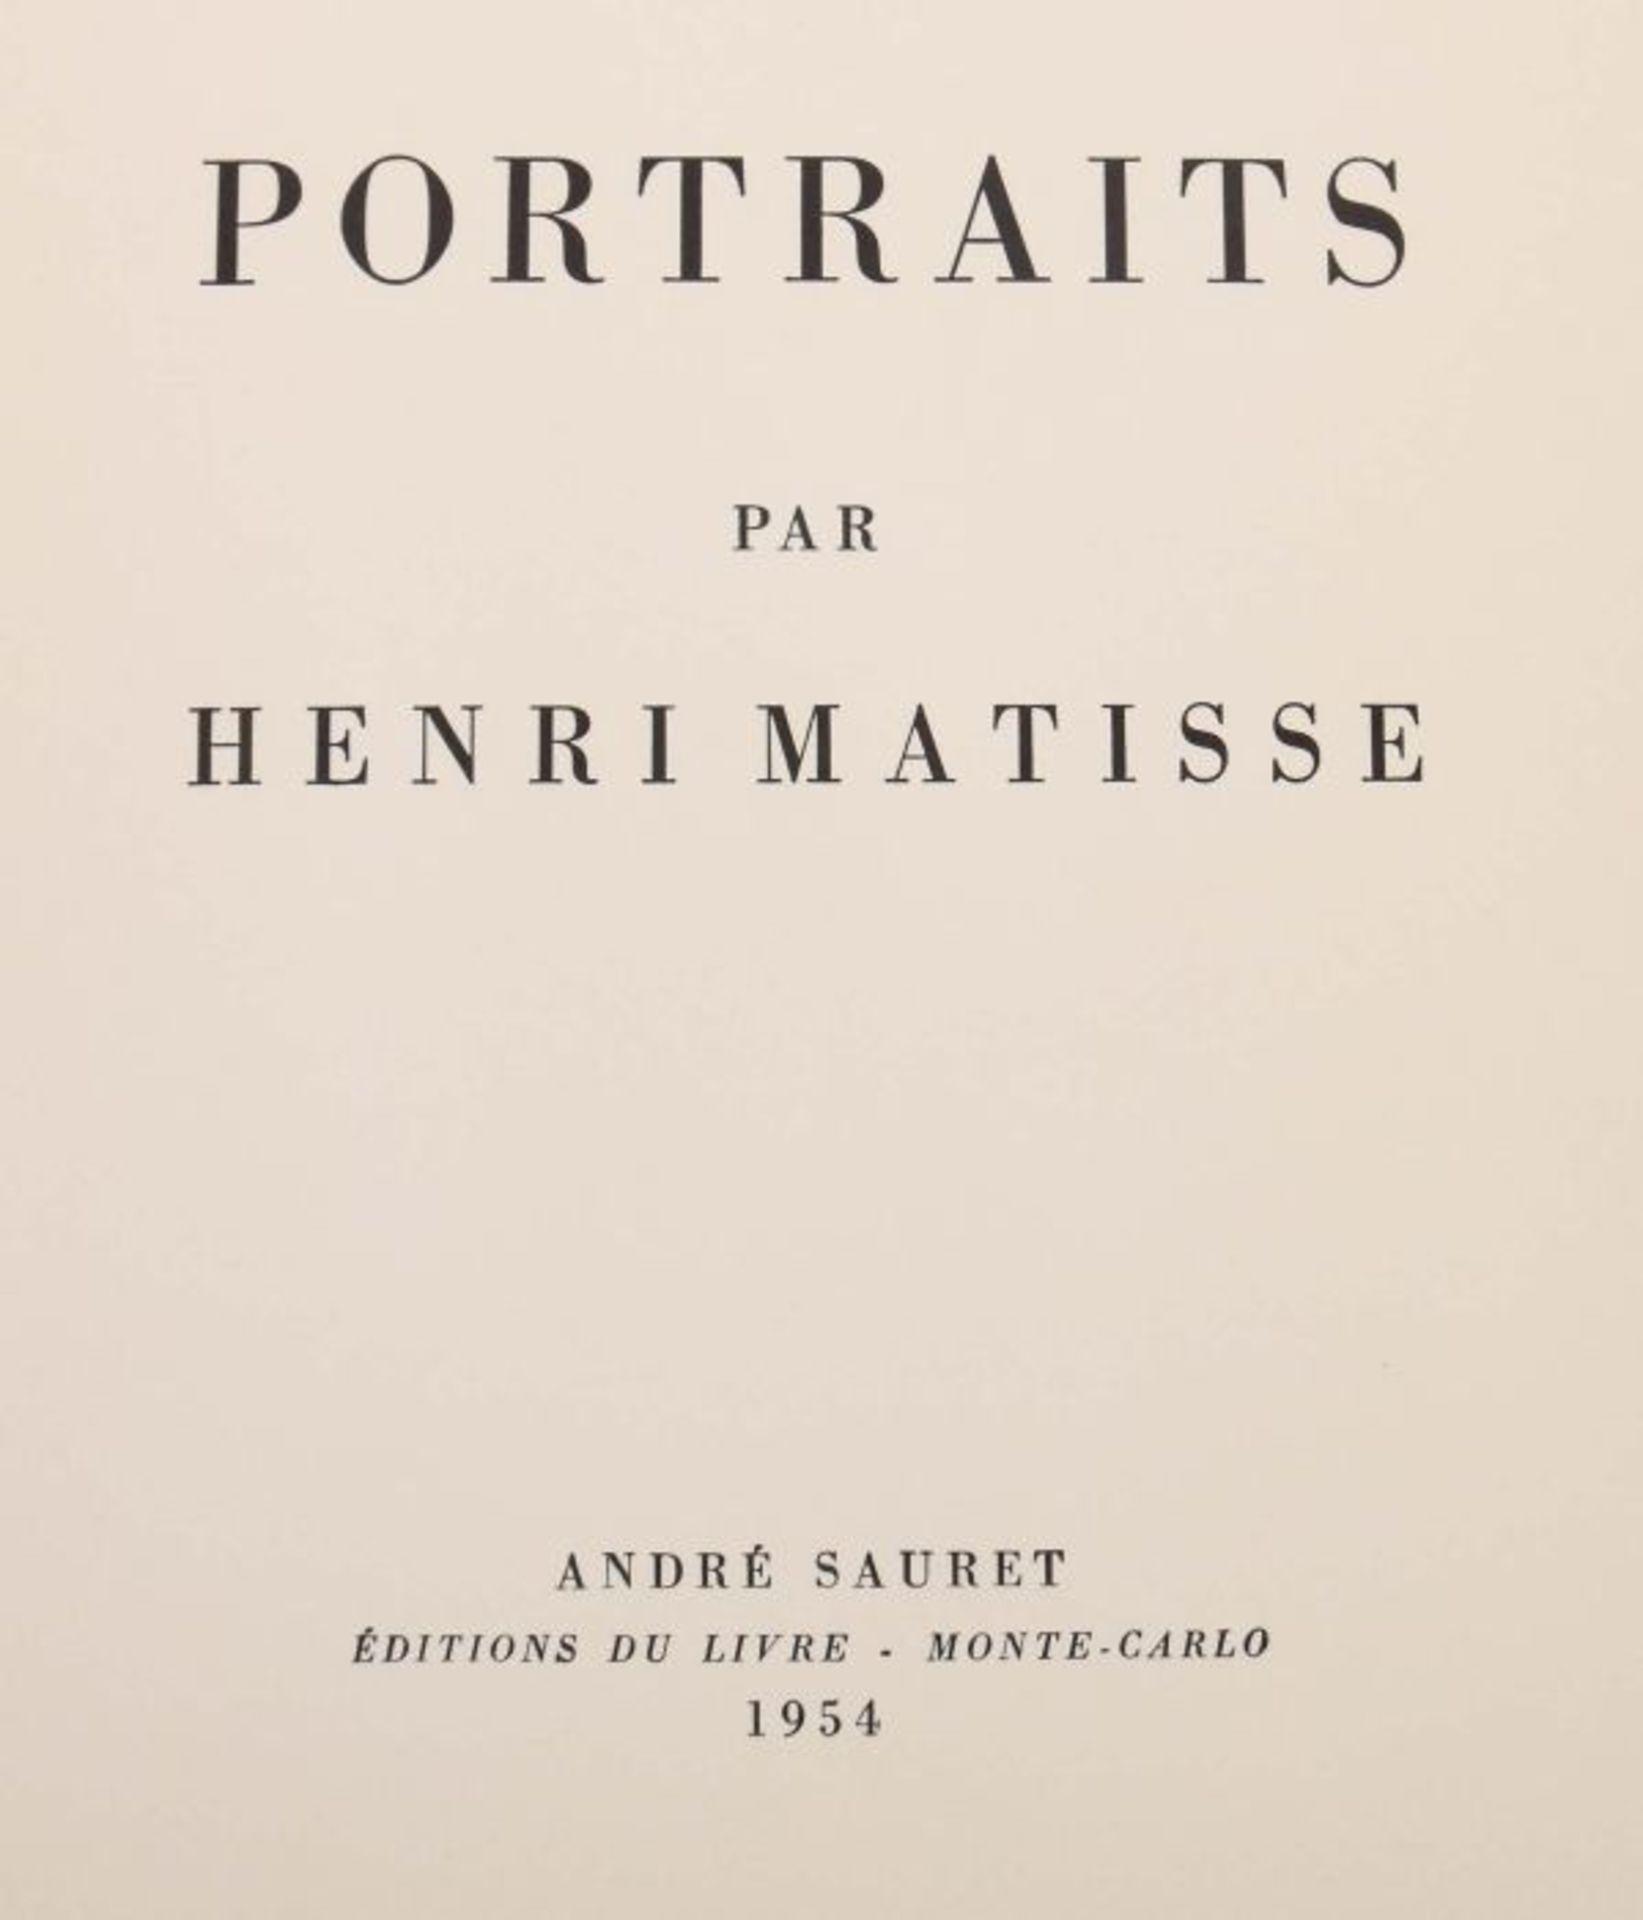 Matisse, Henri Portraits, Monte Carlo, André Sauret, 1954, Exp. 2421 von 2850 num. Exp., mit einer - Bild 4 aus 4